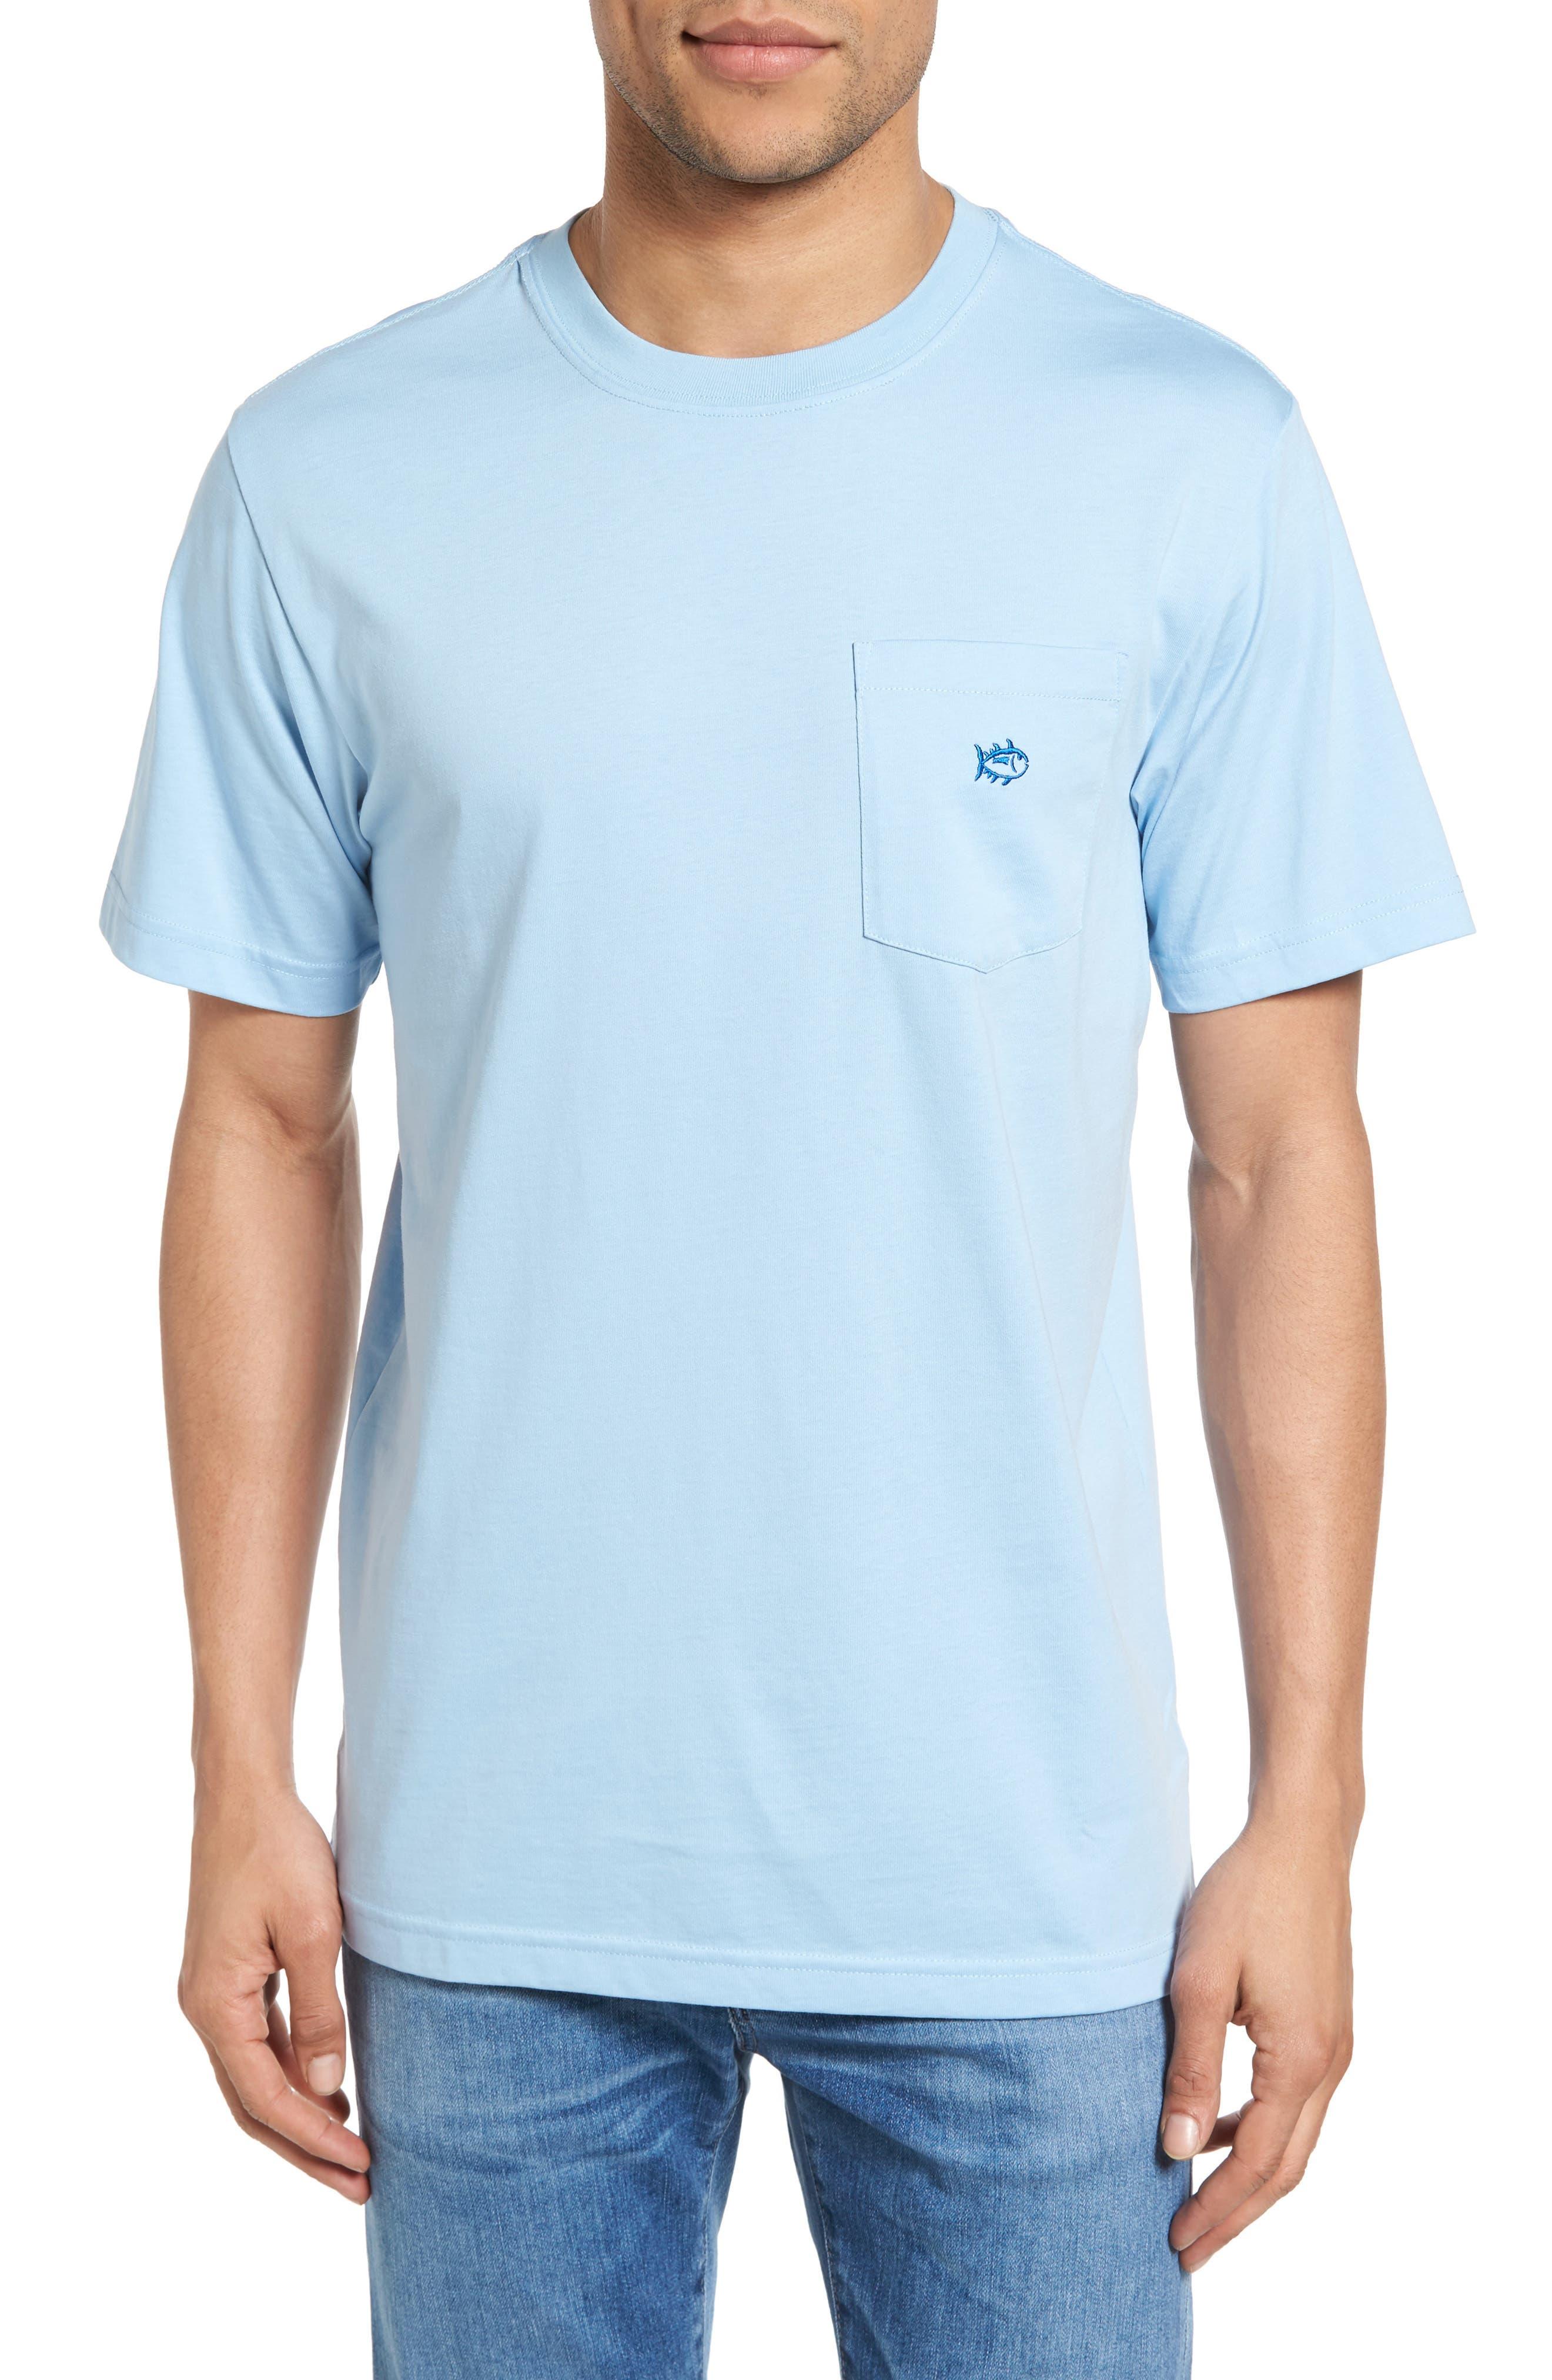 Southern Tide Skipjack Logo Regular Fit T-Shirt